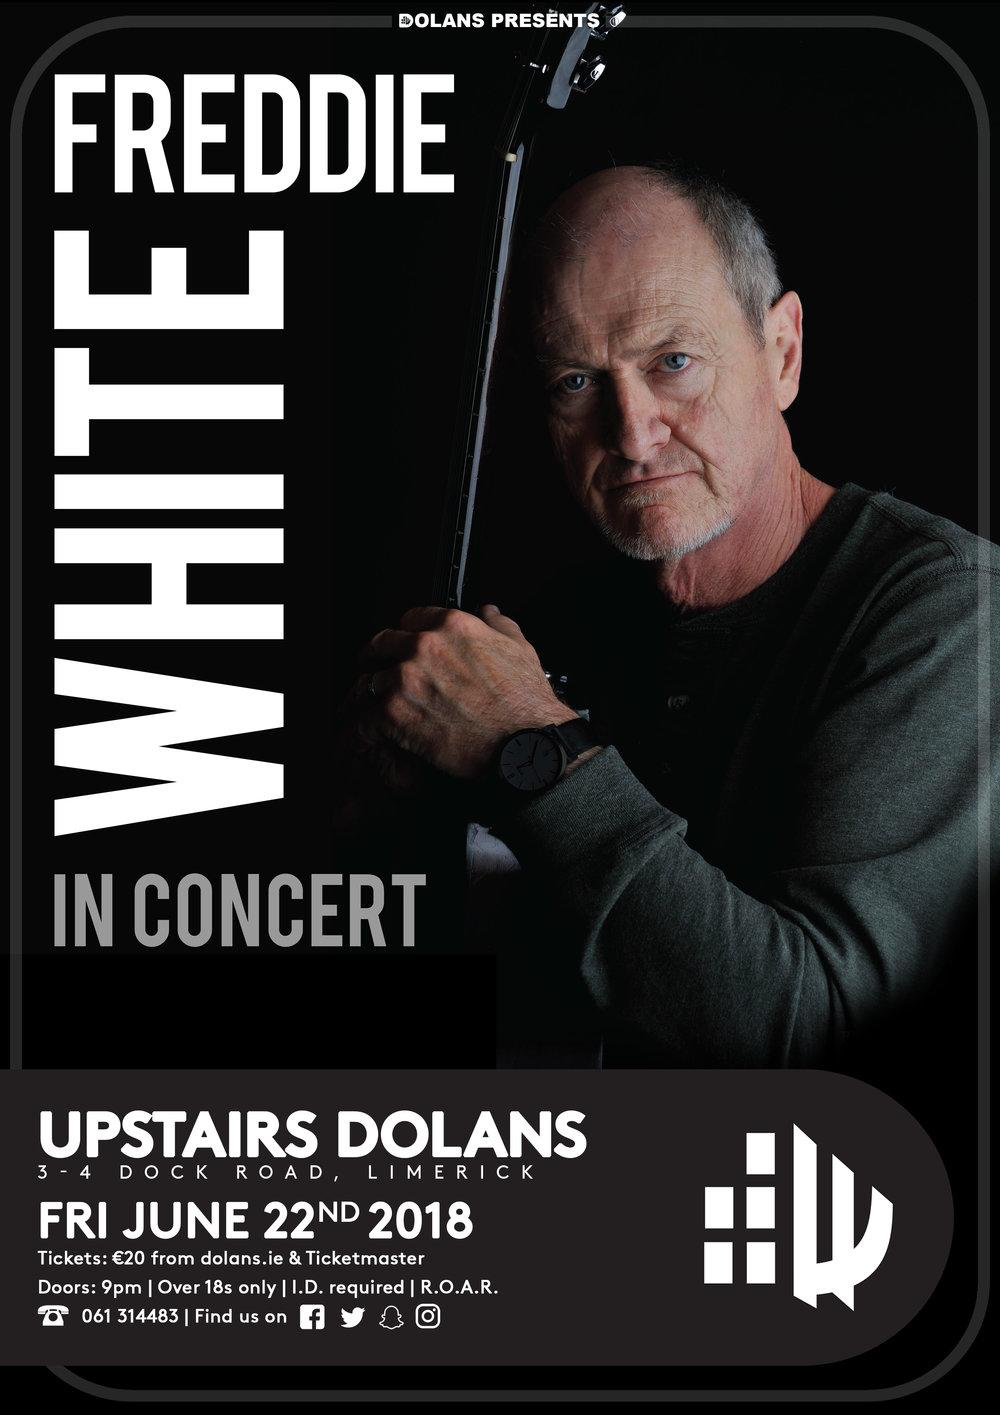 Tickets €20